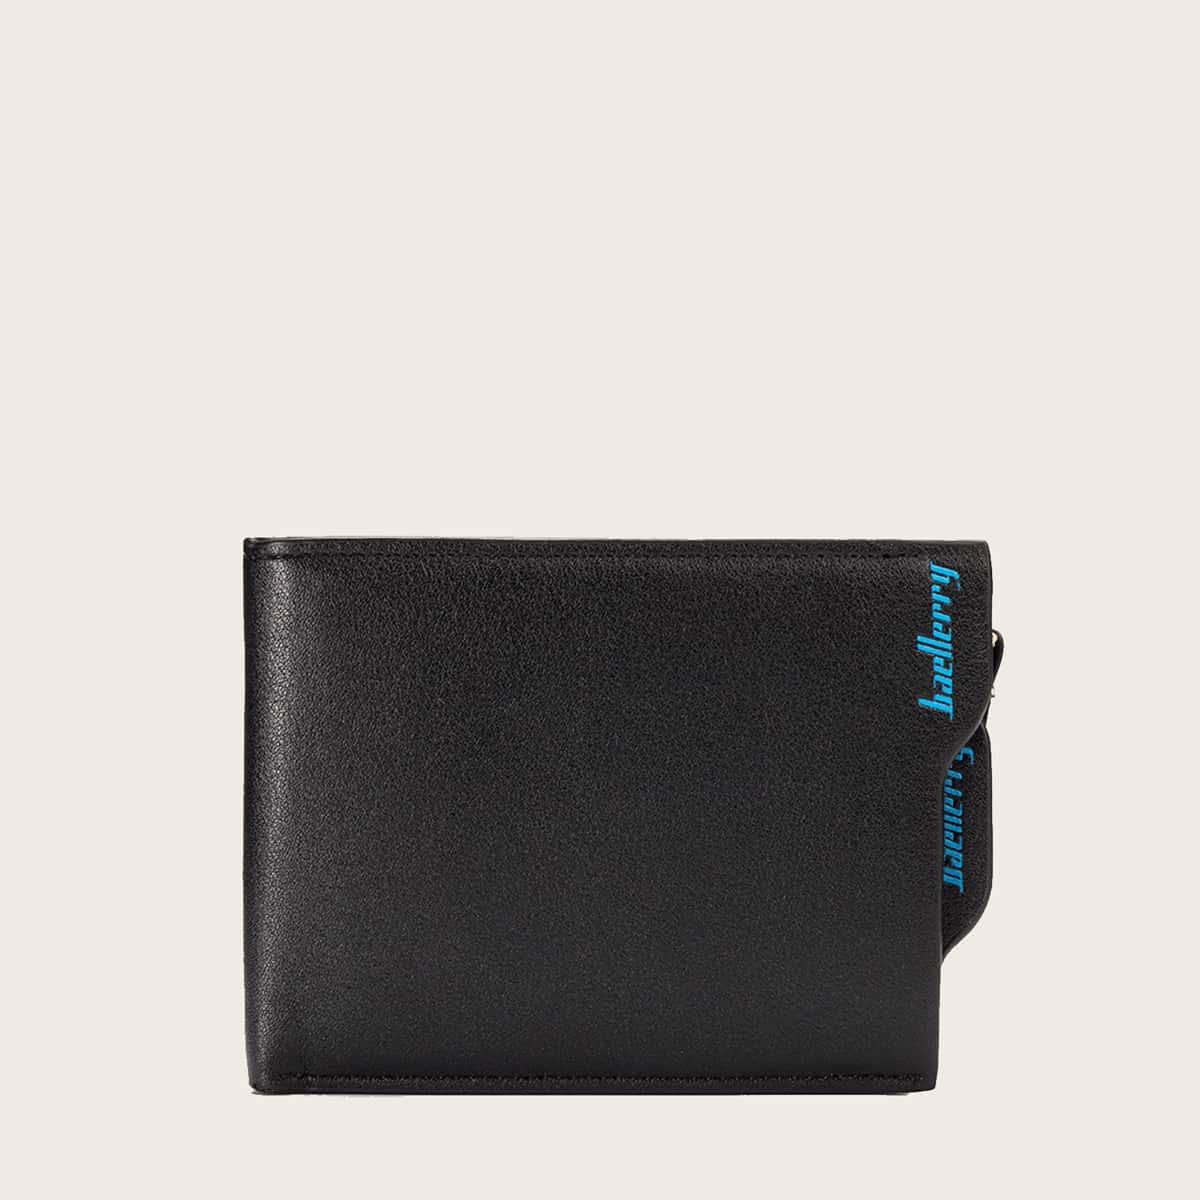 Мужской складной кошелек с текстовым рисунком